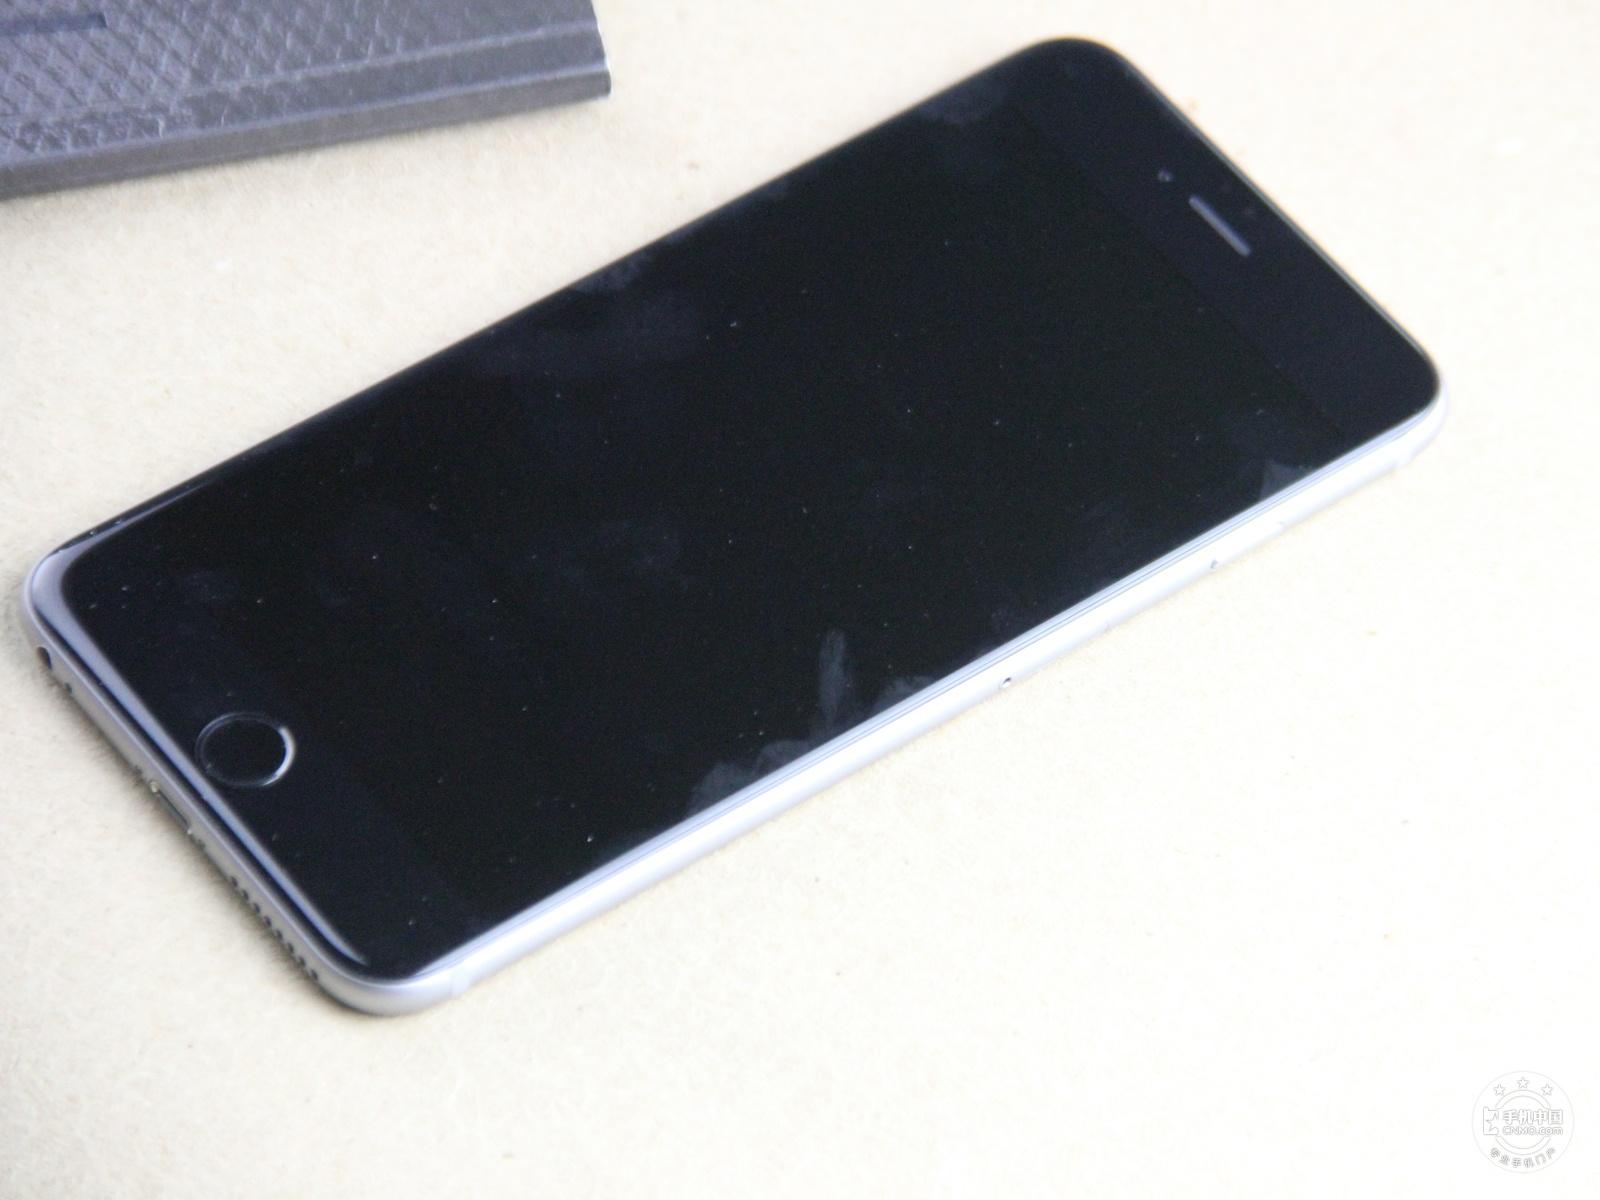 苹果iPhone6Plus(128GB)整体外观第7张